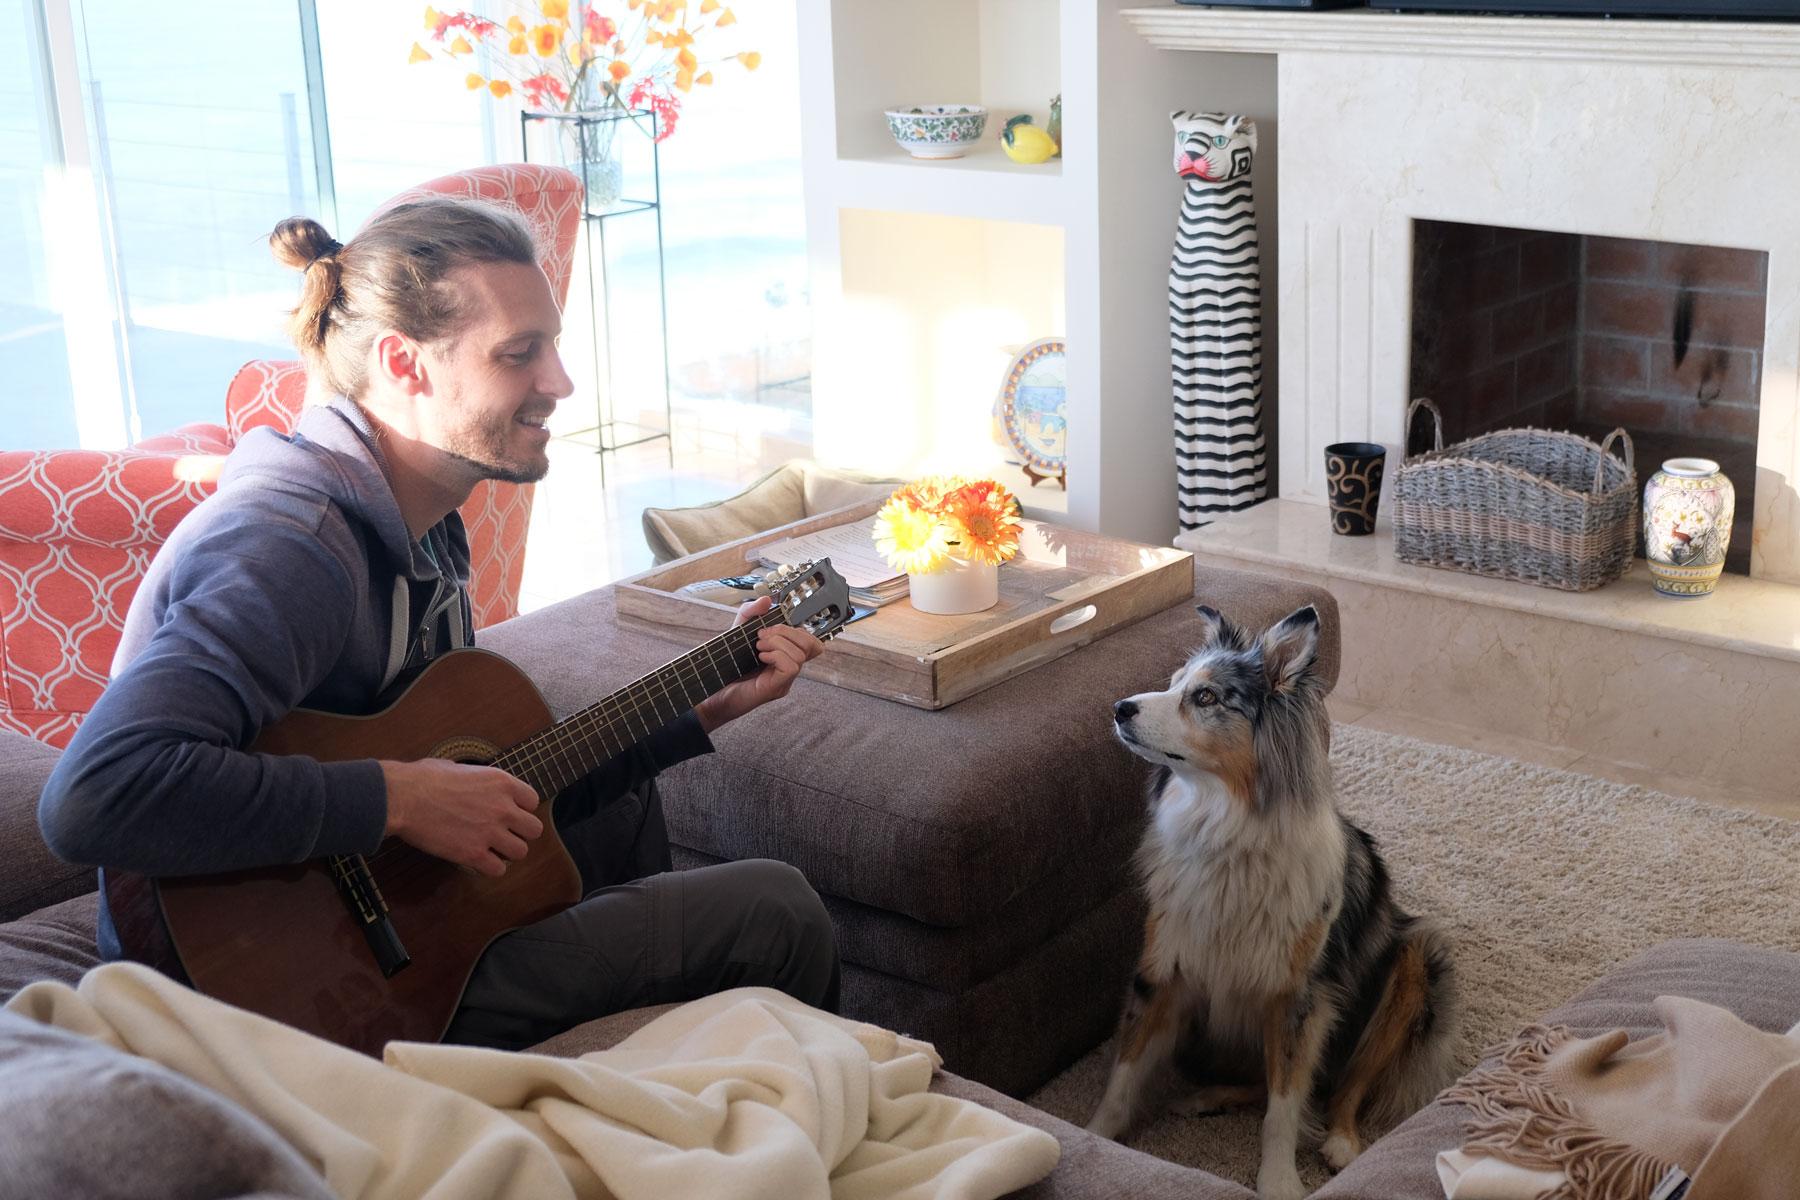 Sebastian spielt Hund Ellie ein Lied auf der Gitarre vor. Sie hört gespannt zu.